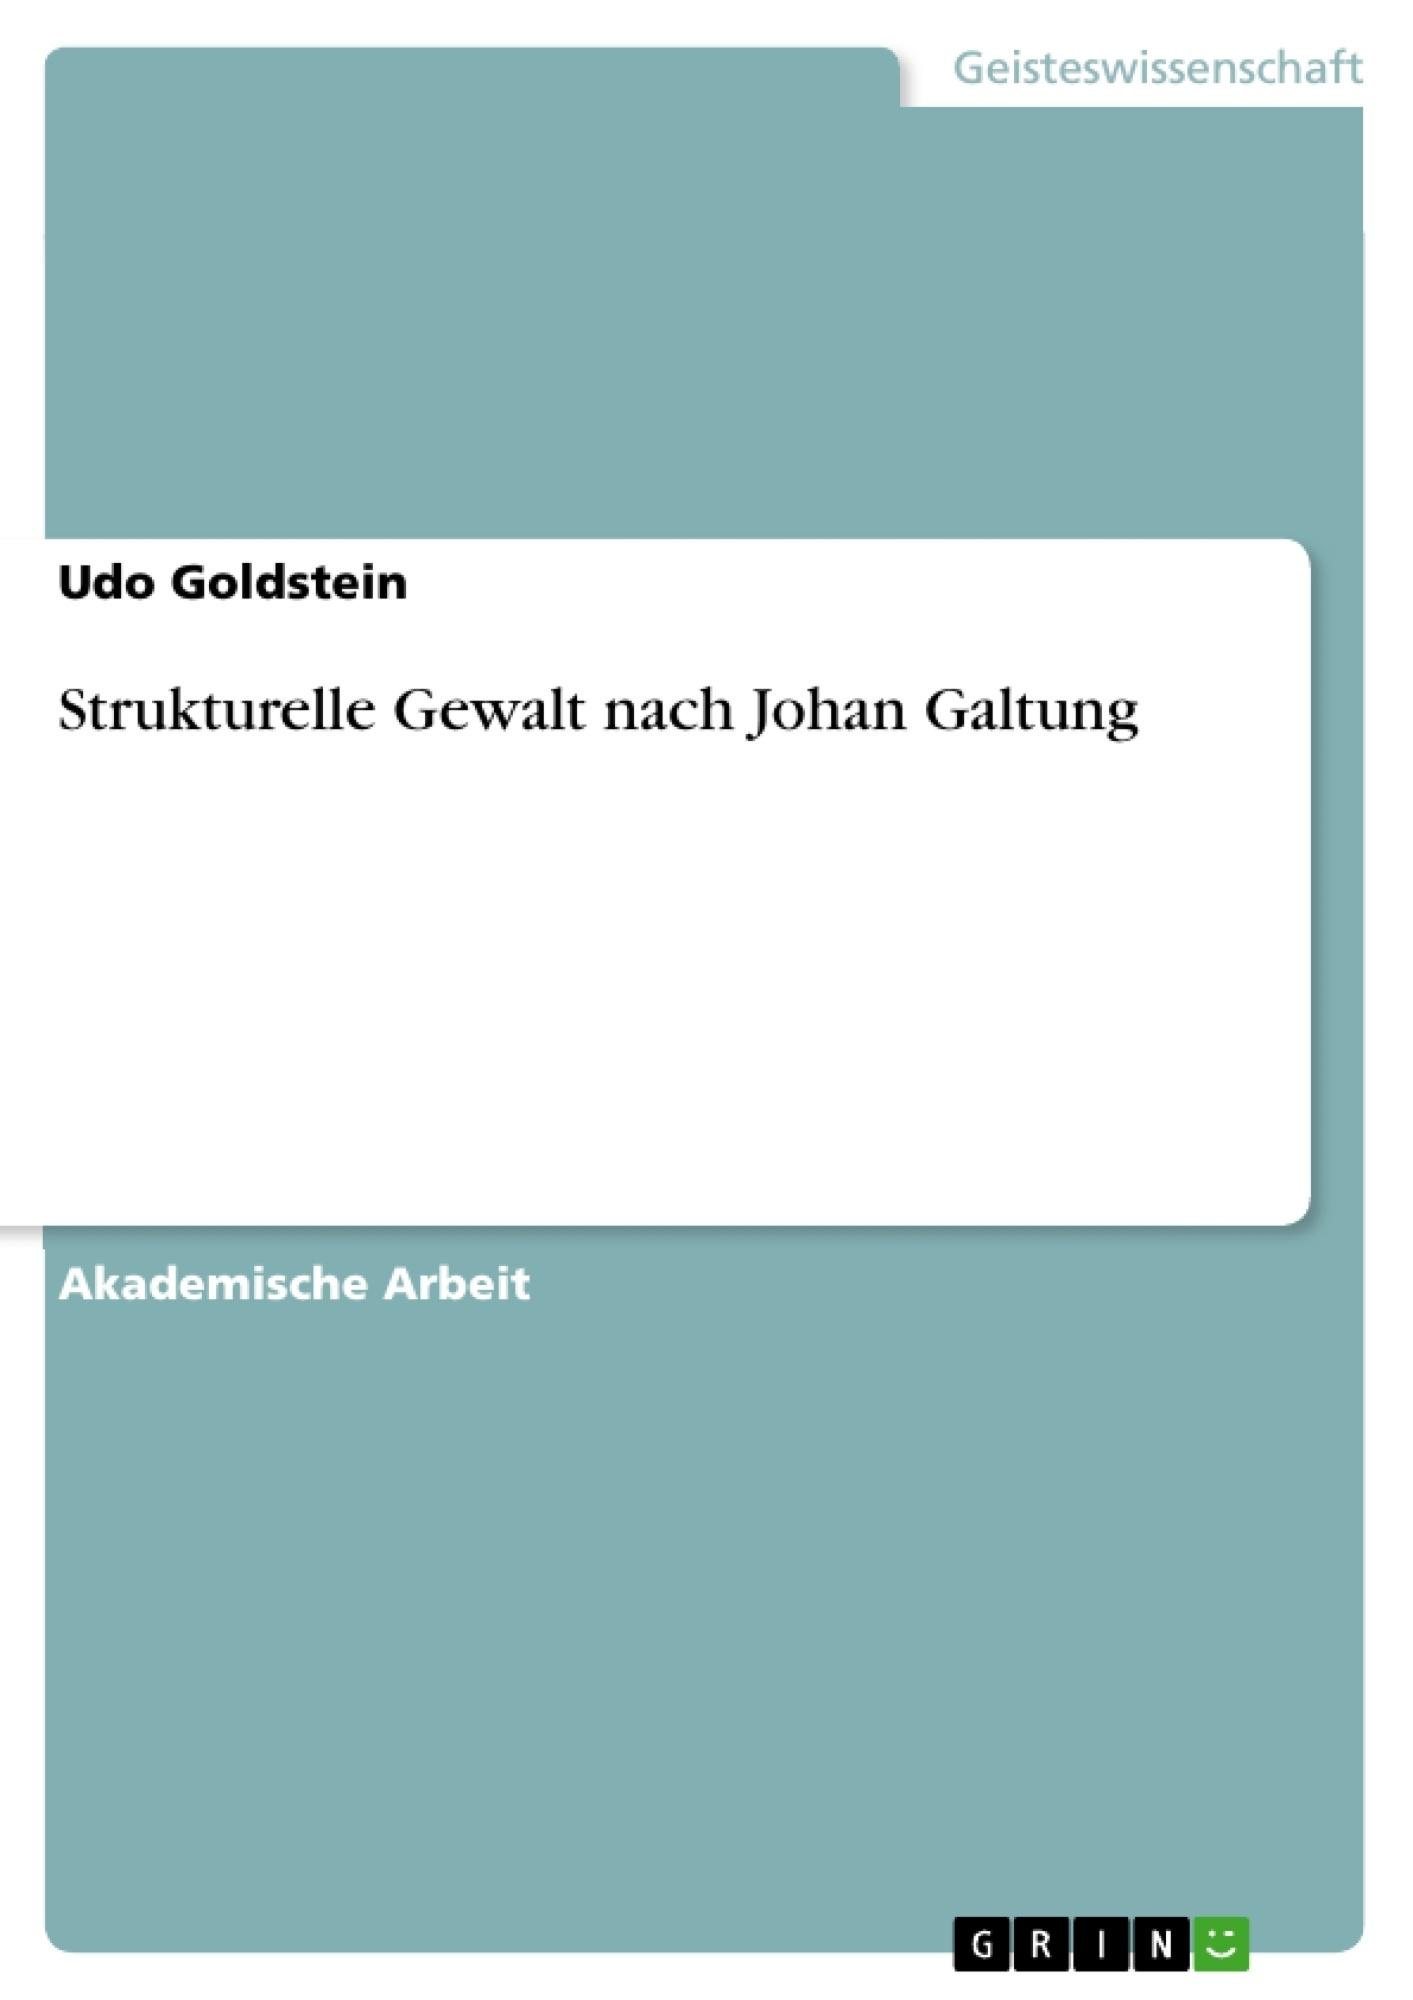 Titel: Strukturelle Gewalt nach Johan Galtung